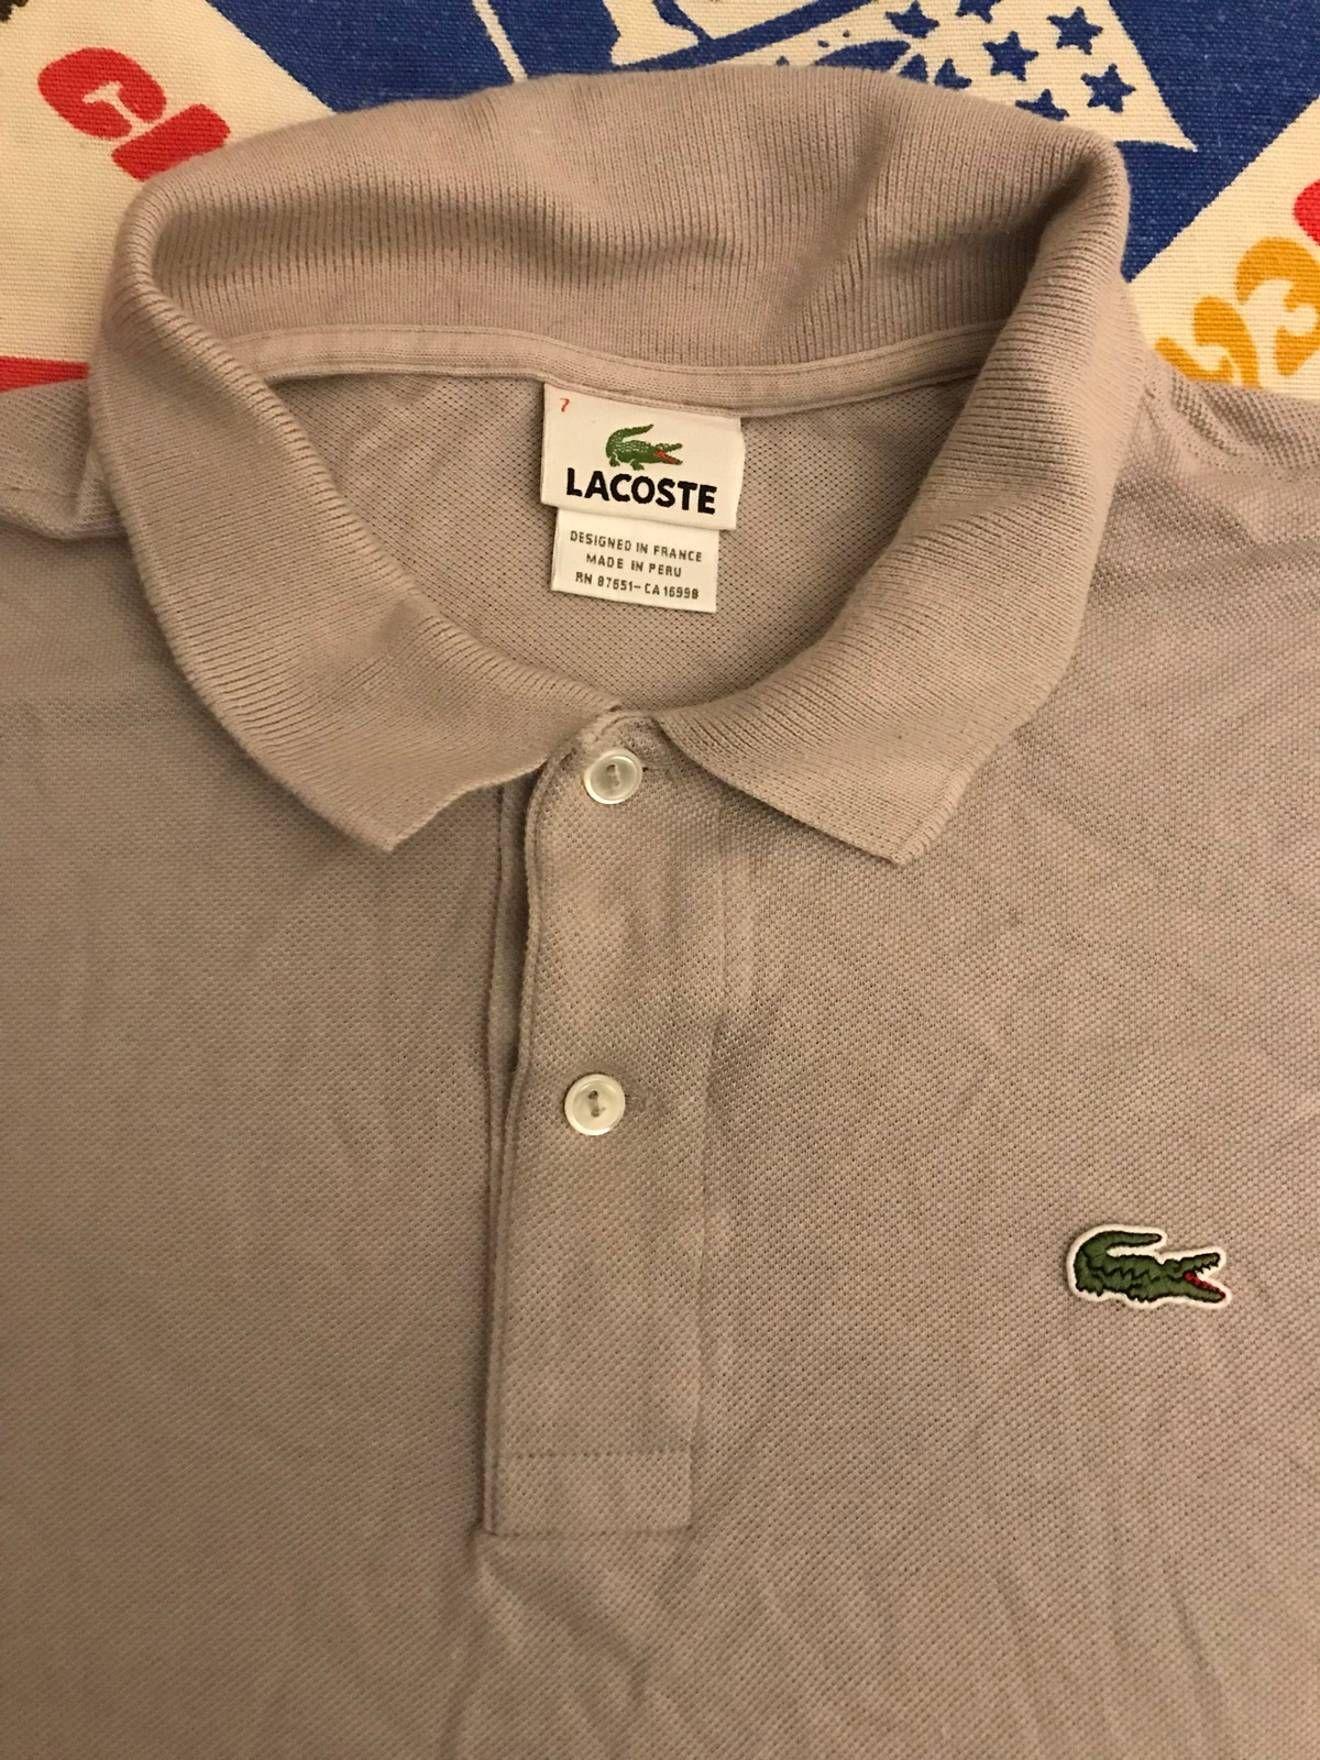 najlepsza strona internetowa profesjonalna sprzedaż ponadczasowy design Lacoste × Vintage 90s Vintage Lacoste Polo Shirt Grey Size ...